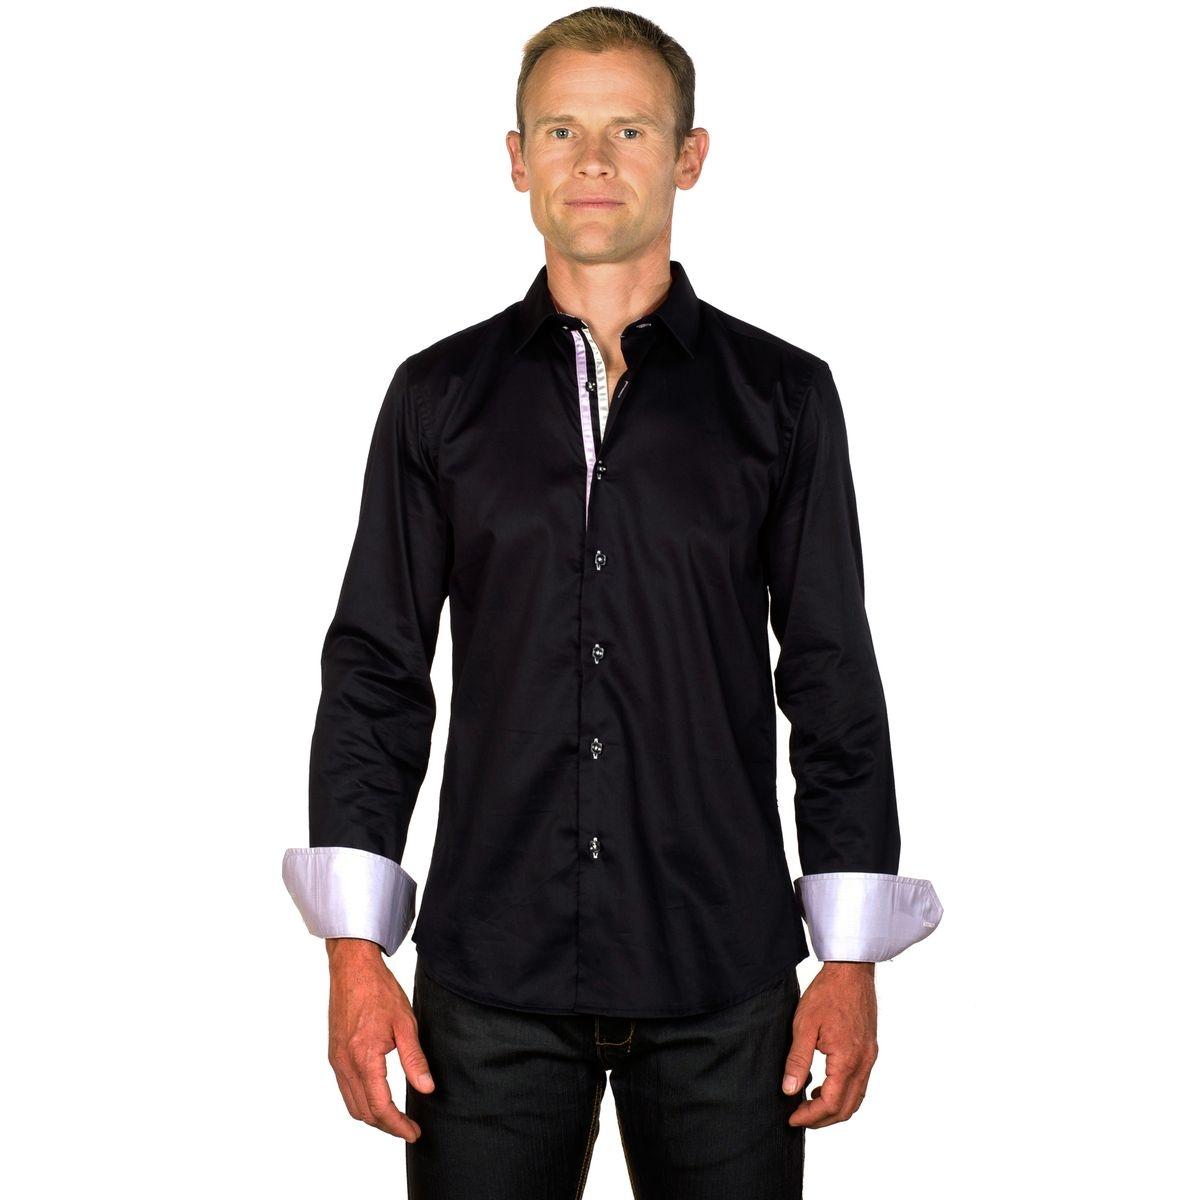 Chemise coton easy iron bicolore homme